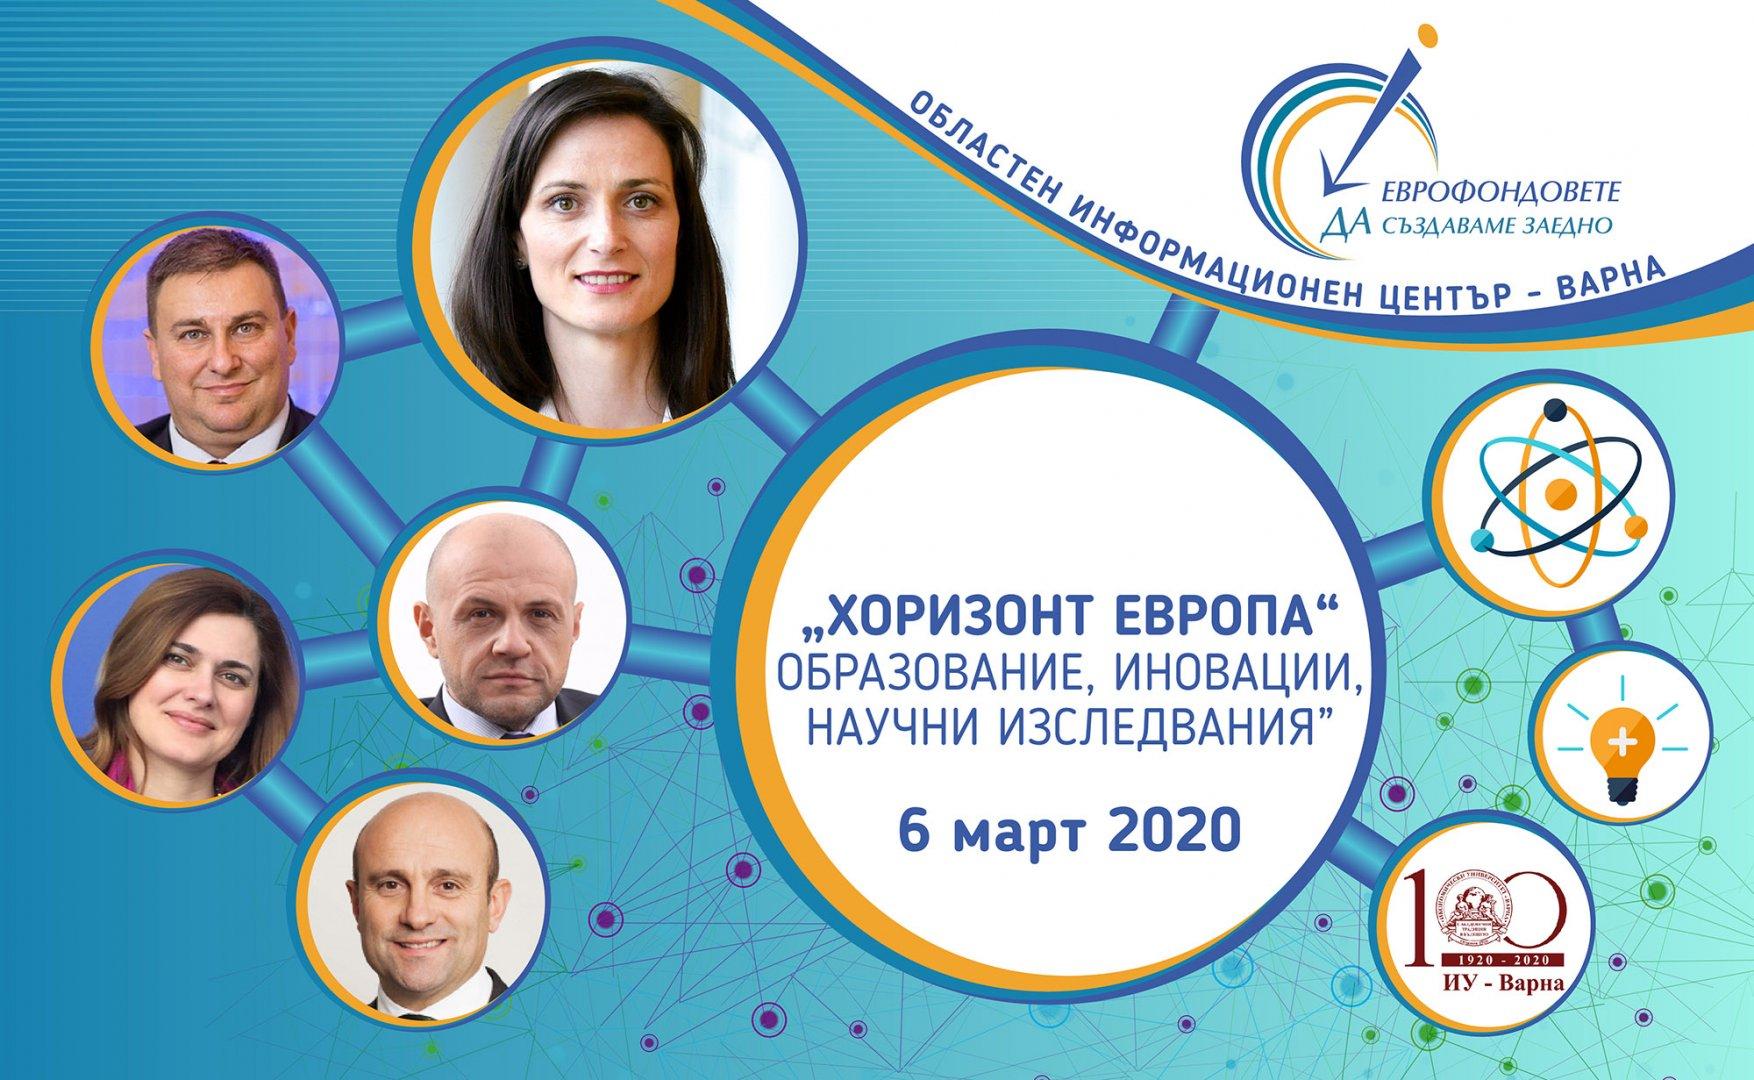 Форумът се организира от Областния информационен център във Варна